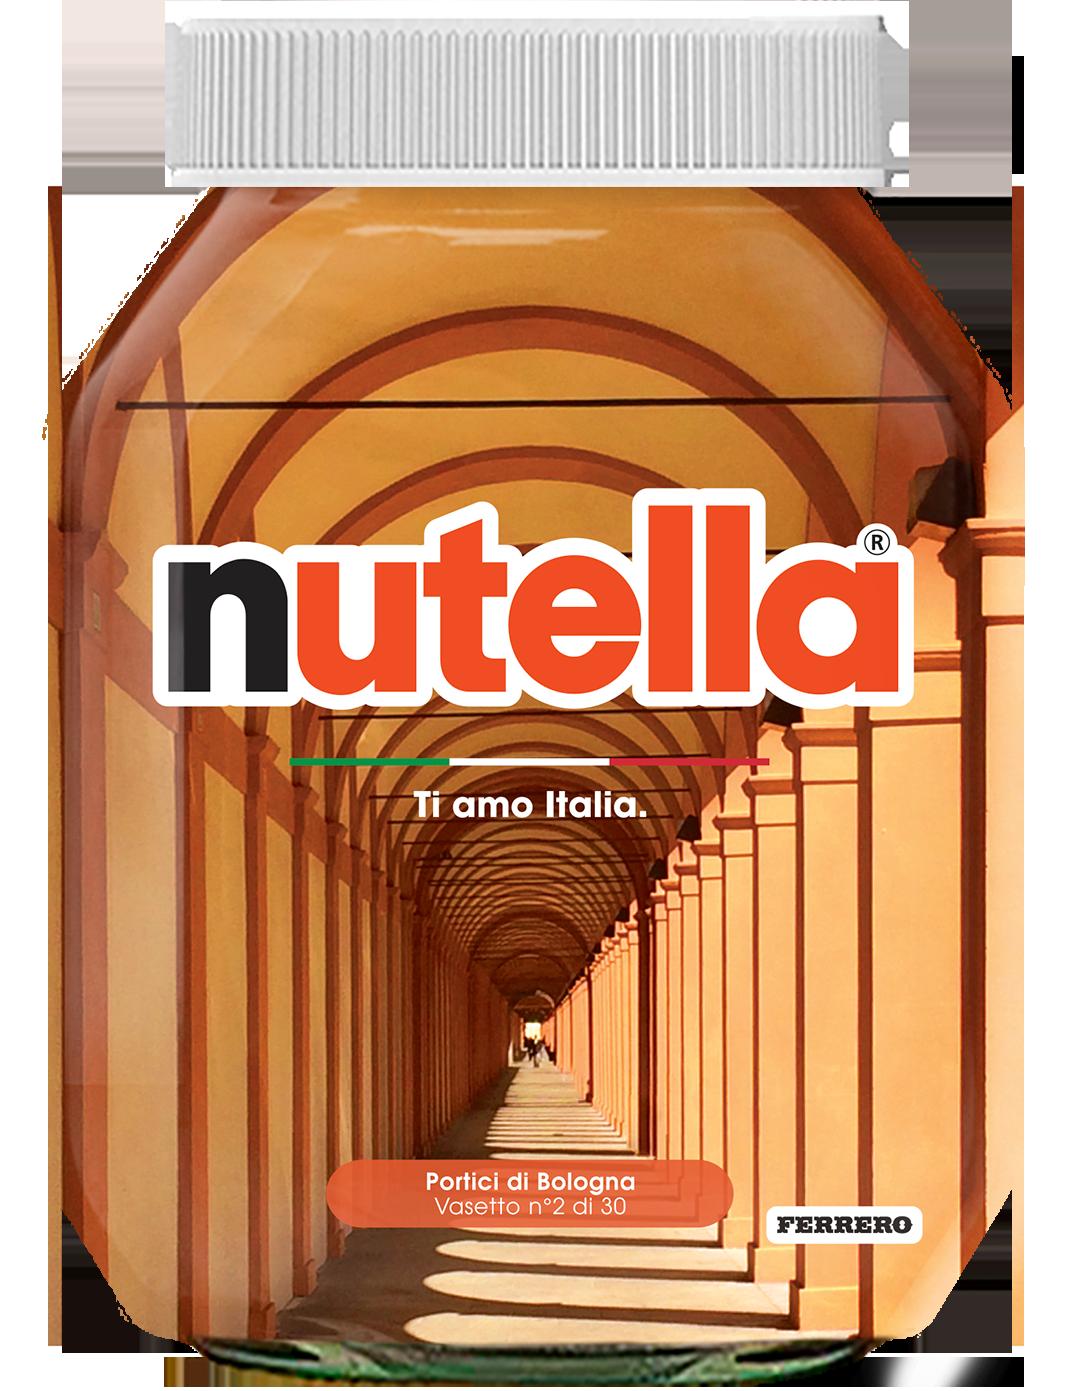 Emilia Romagna - Portici di Bologna - i vasetti di nutella dedicati all'italia